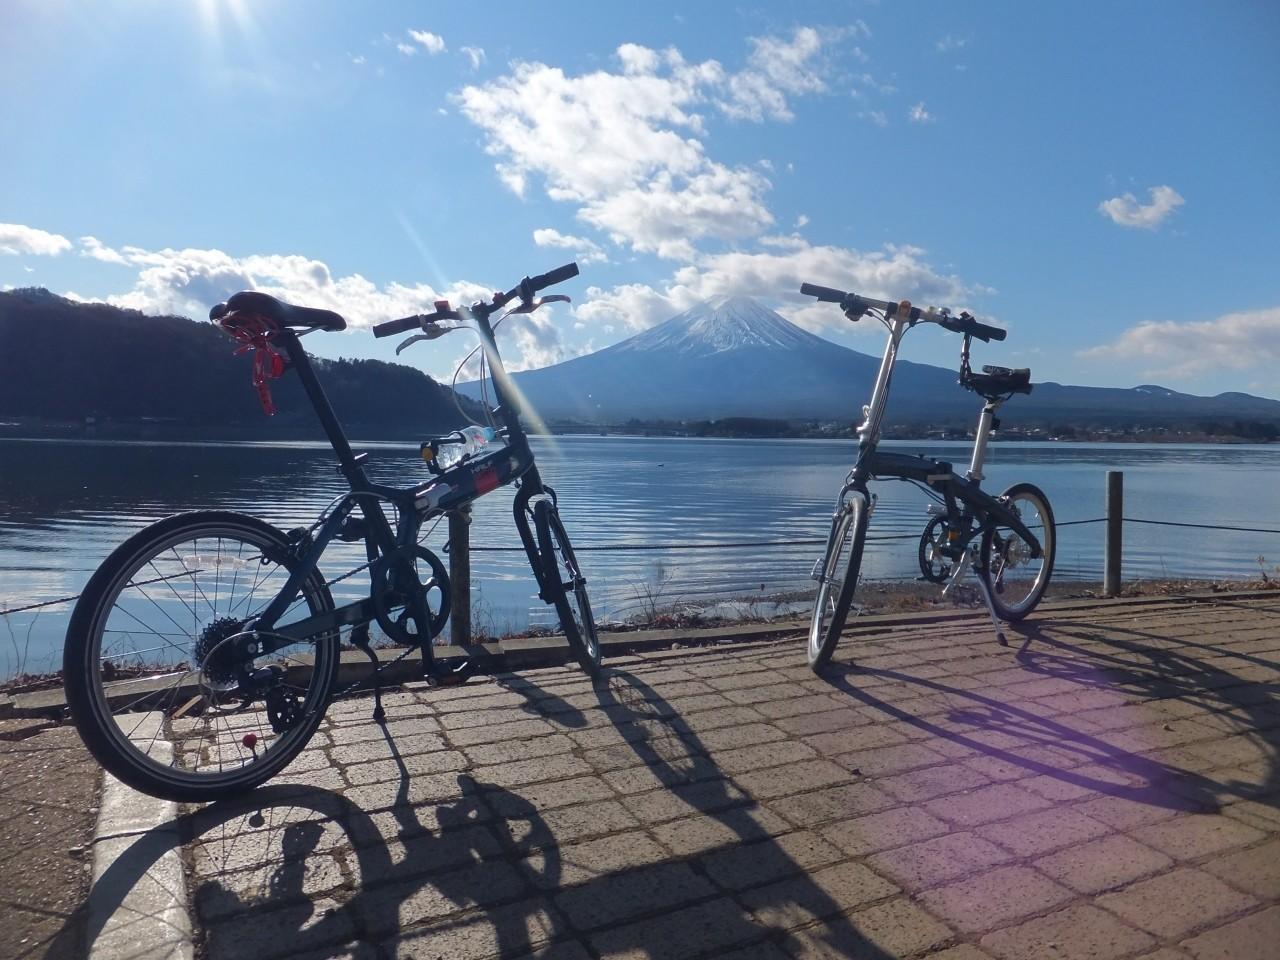 เที่ยวด้วยตัวเอง ปั่นจักรยานชมภูเขาไฟฟูจิที่คาวากุจิโกะ!